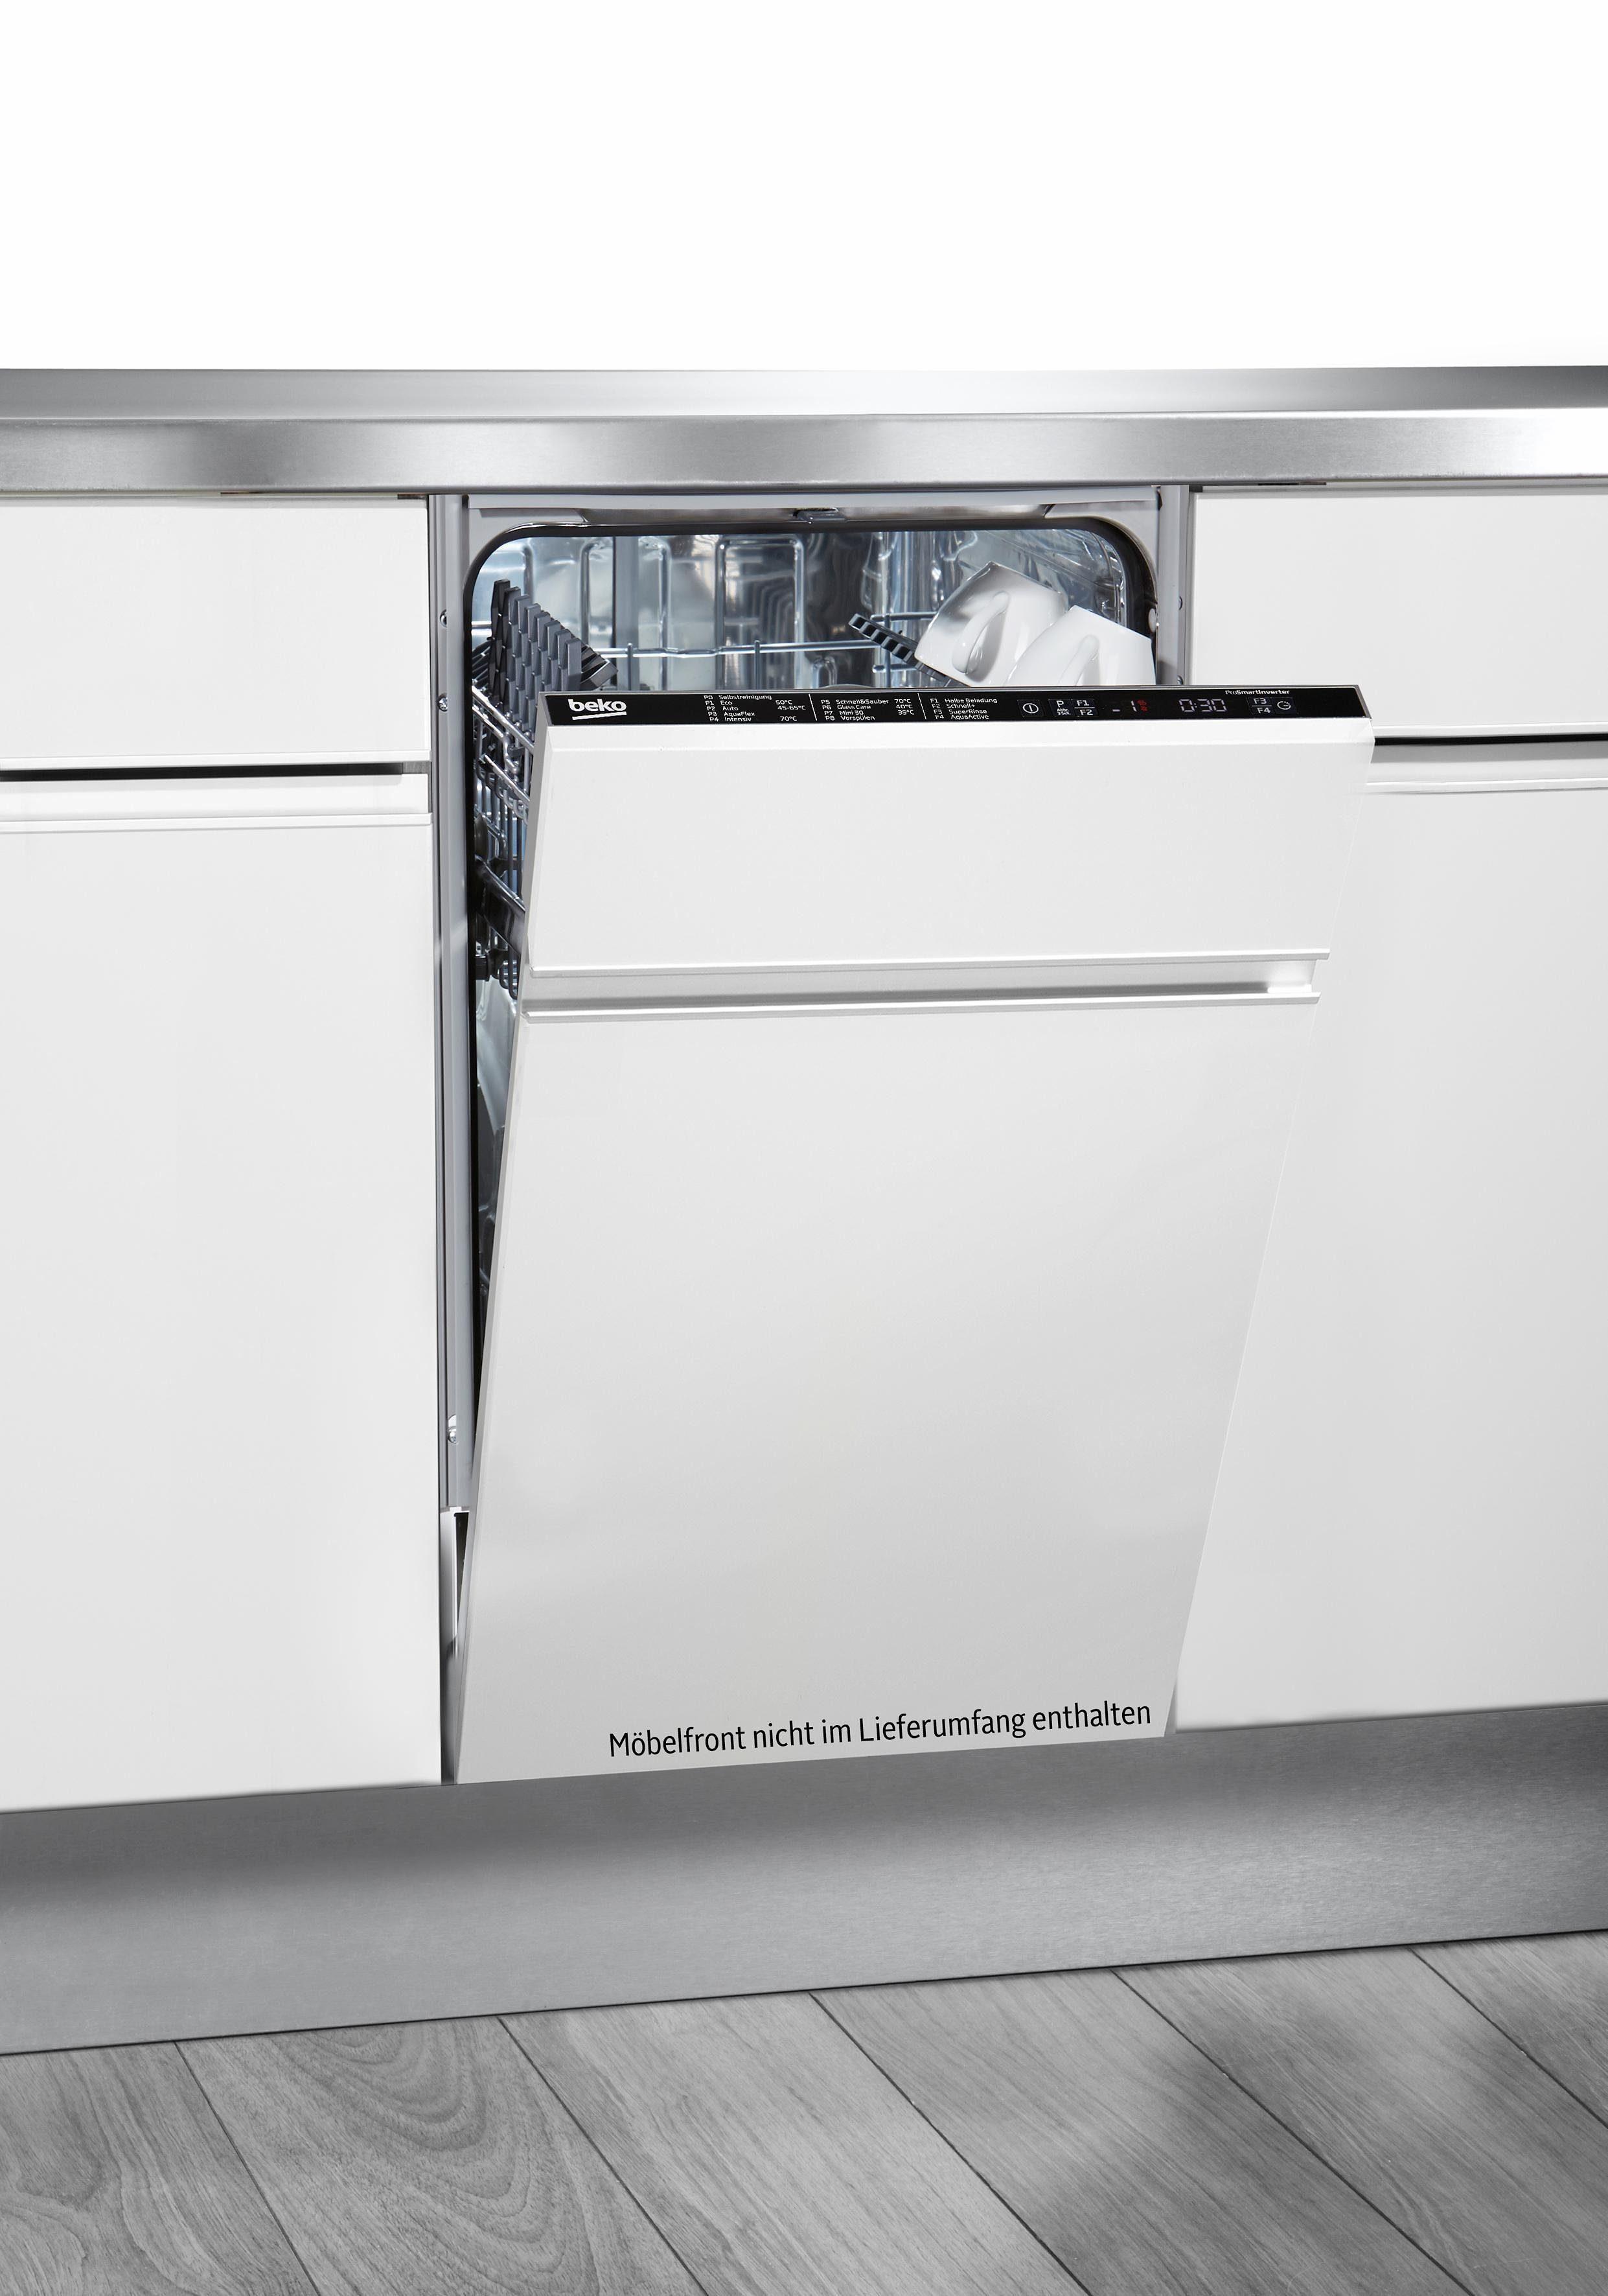 BEKO vollintegrierbarer Geschirrspüler, DIS28020, 9 l, 10 Maßgedecke, 45 cm breit